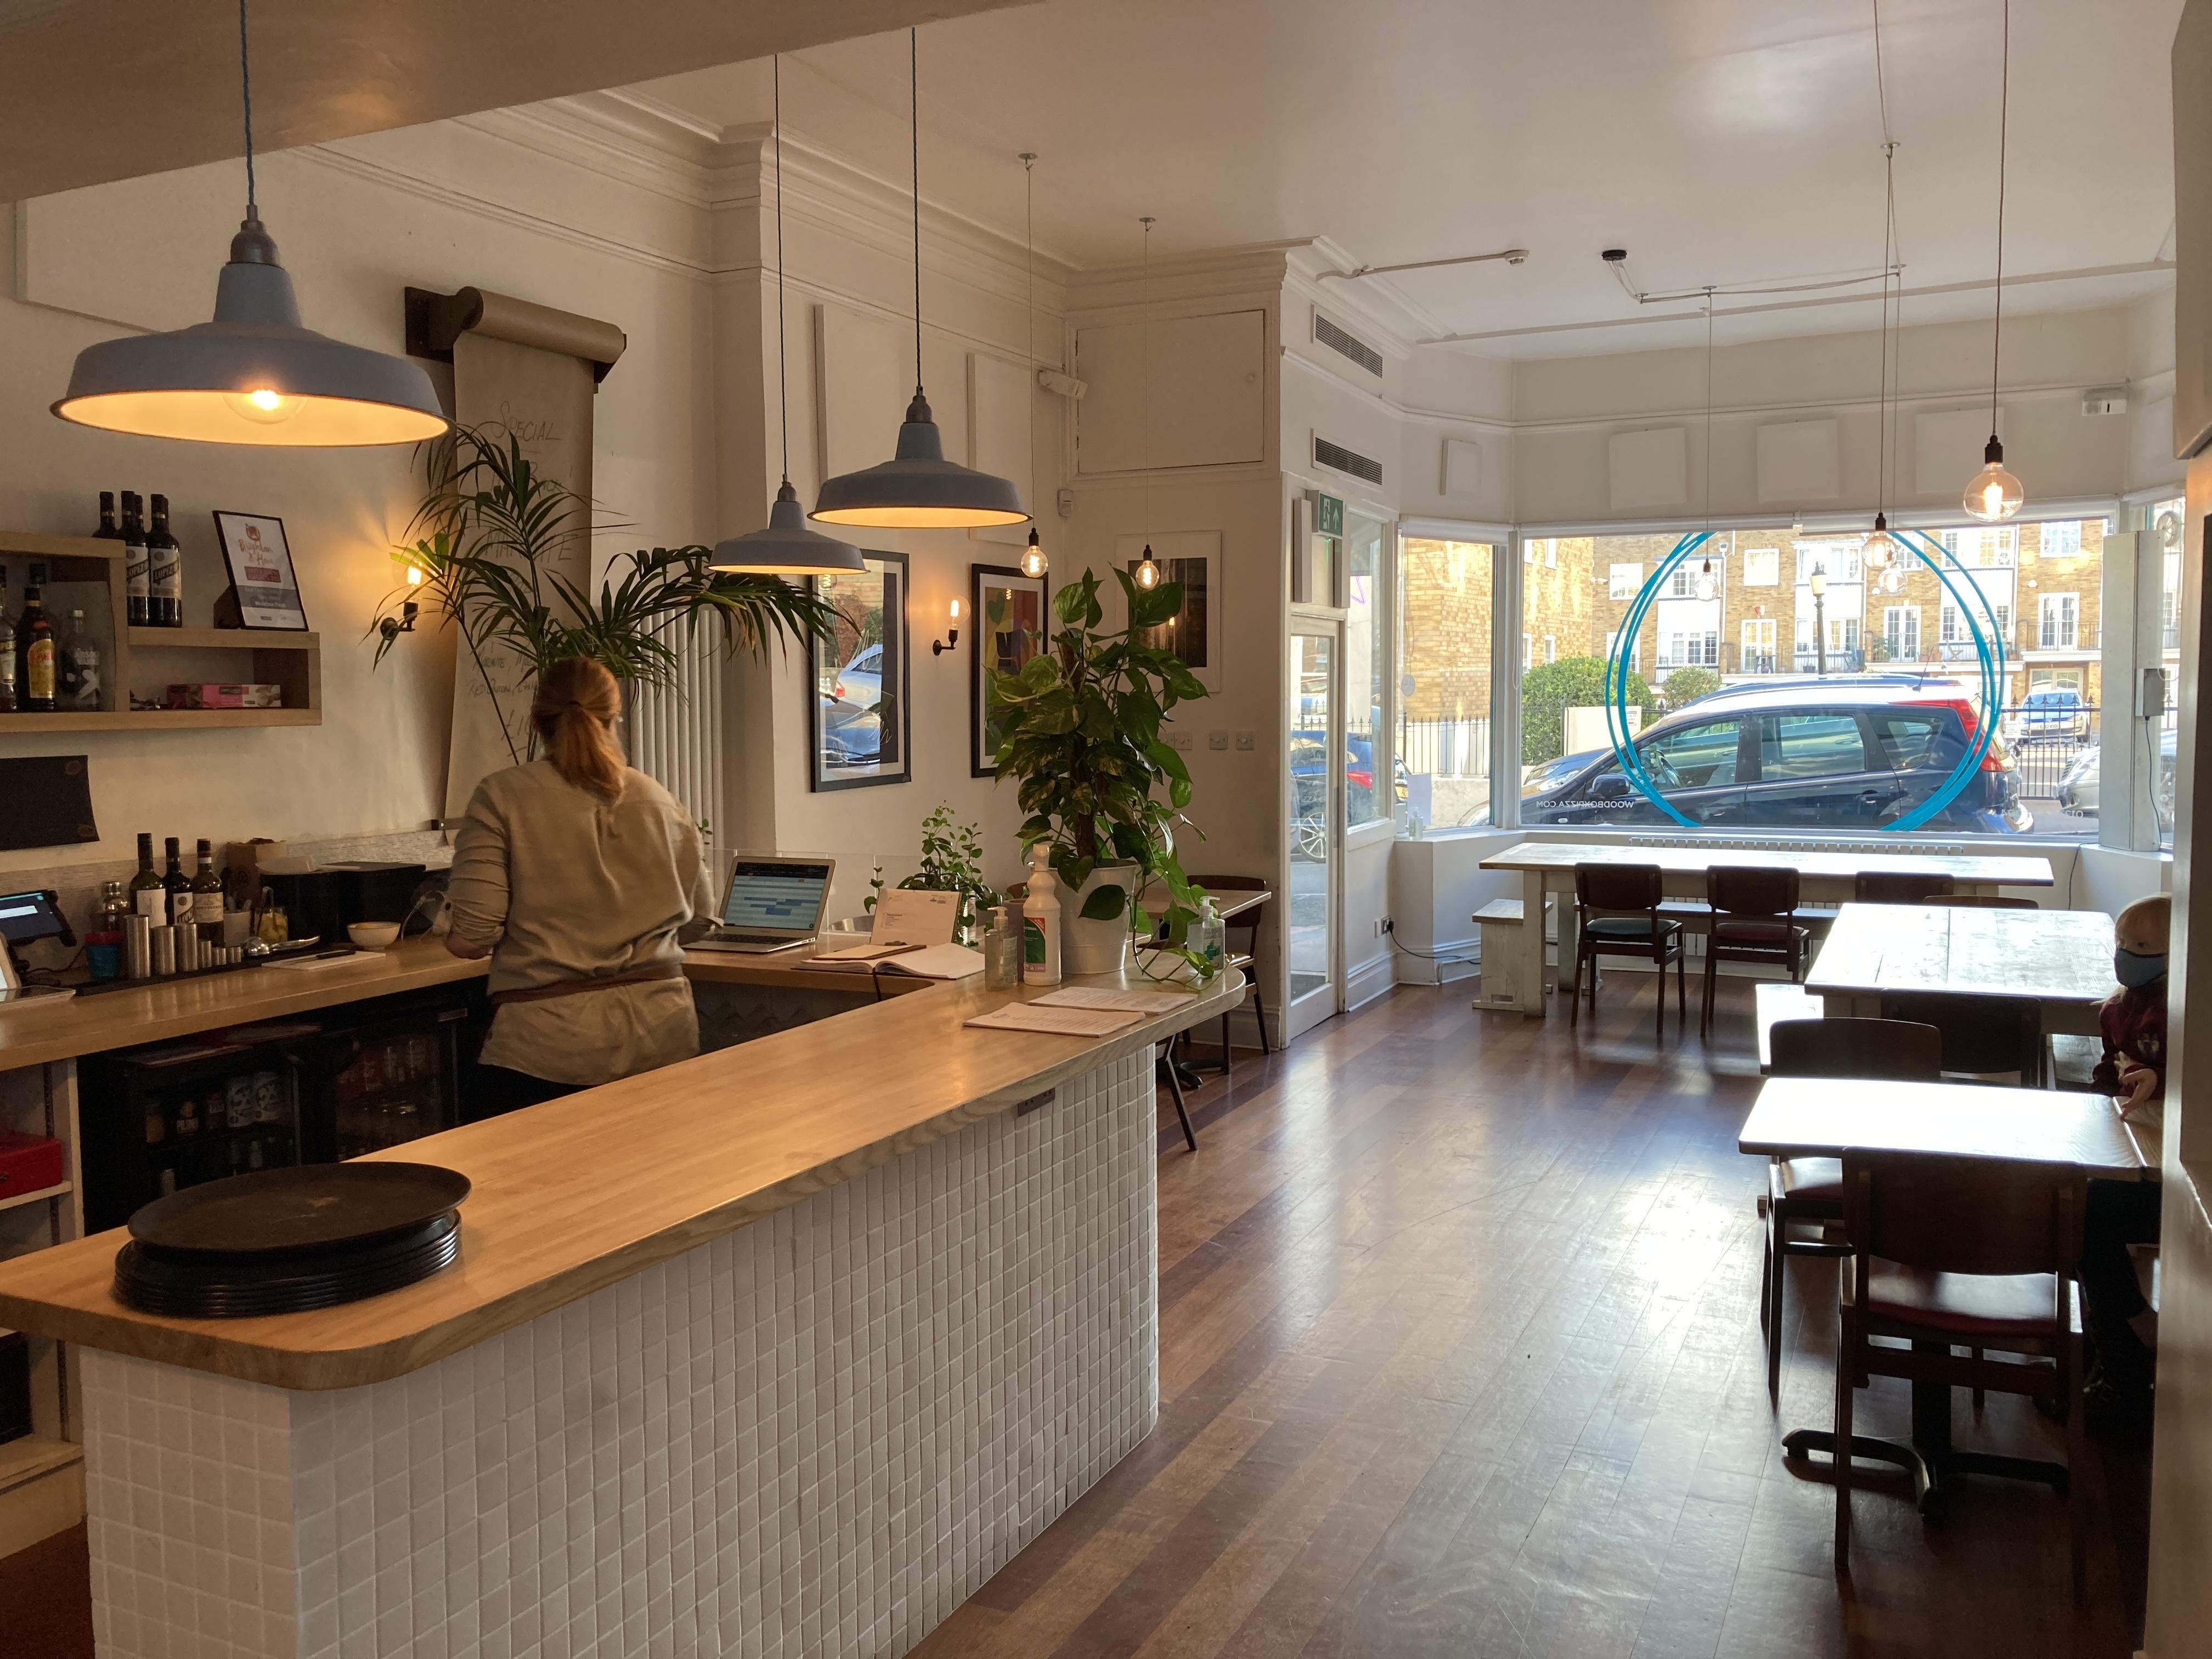 1 Paston Place Brighton image.